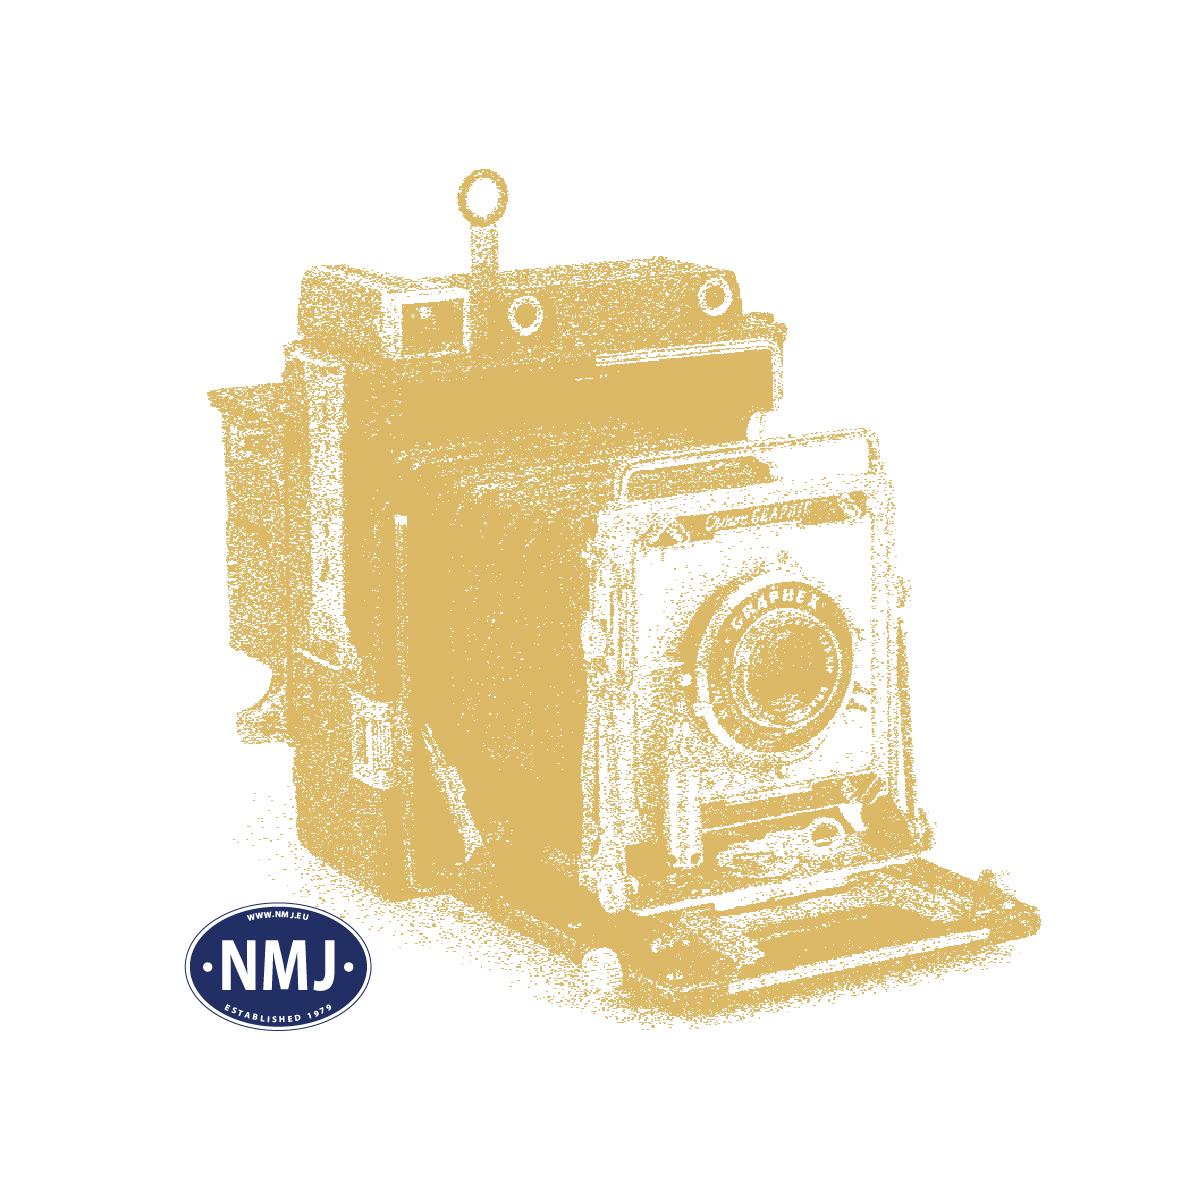 NMJT9902 - NMJ Topline Staker til KBPS/OS